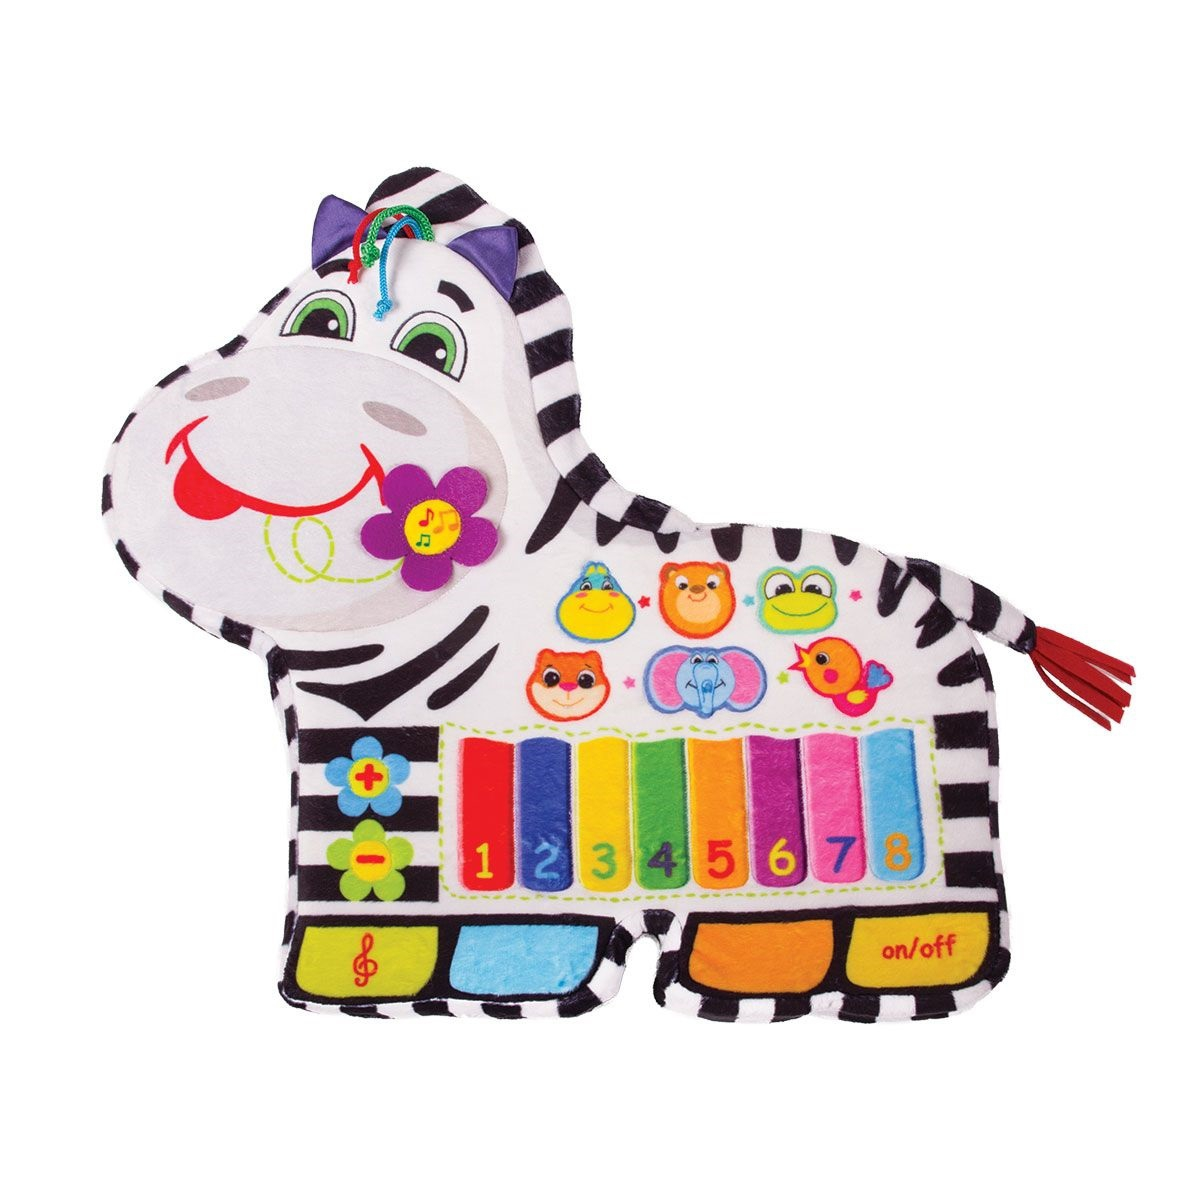 HPSN Vauvan musiikkimobile Fru-Frun Lauluja